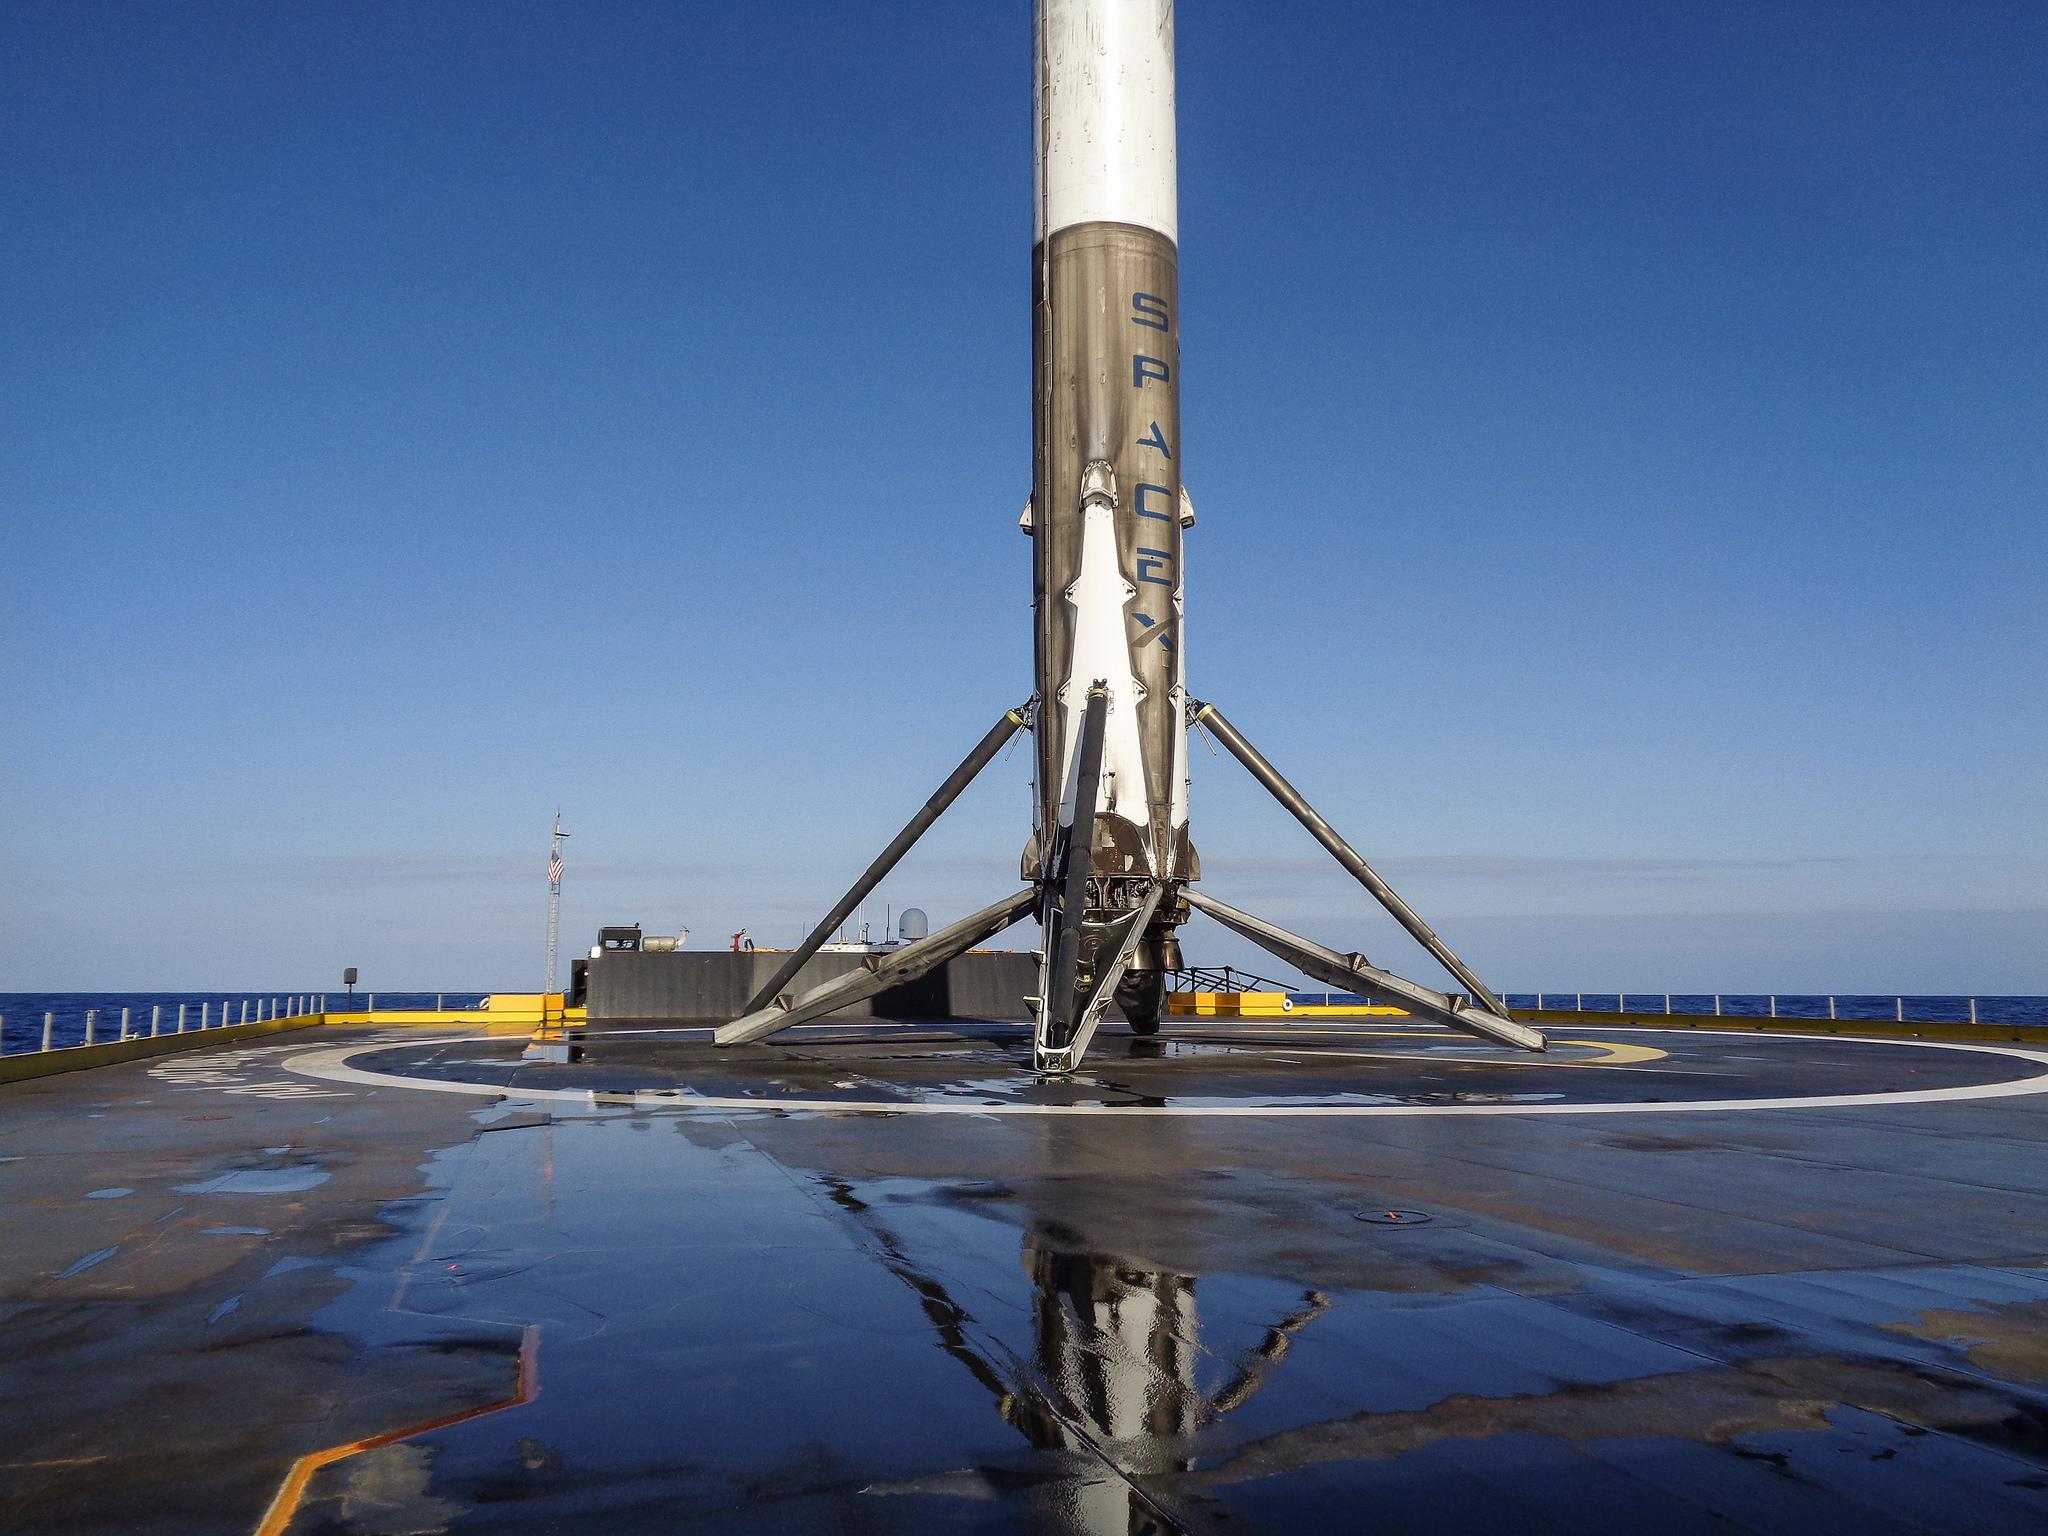 El Falcon 9 sobre la plataforma marítima en el Océano Atlántico